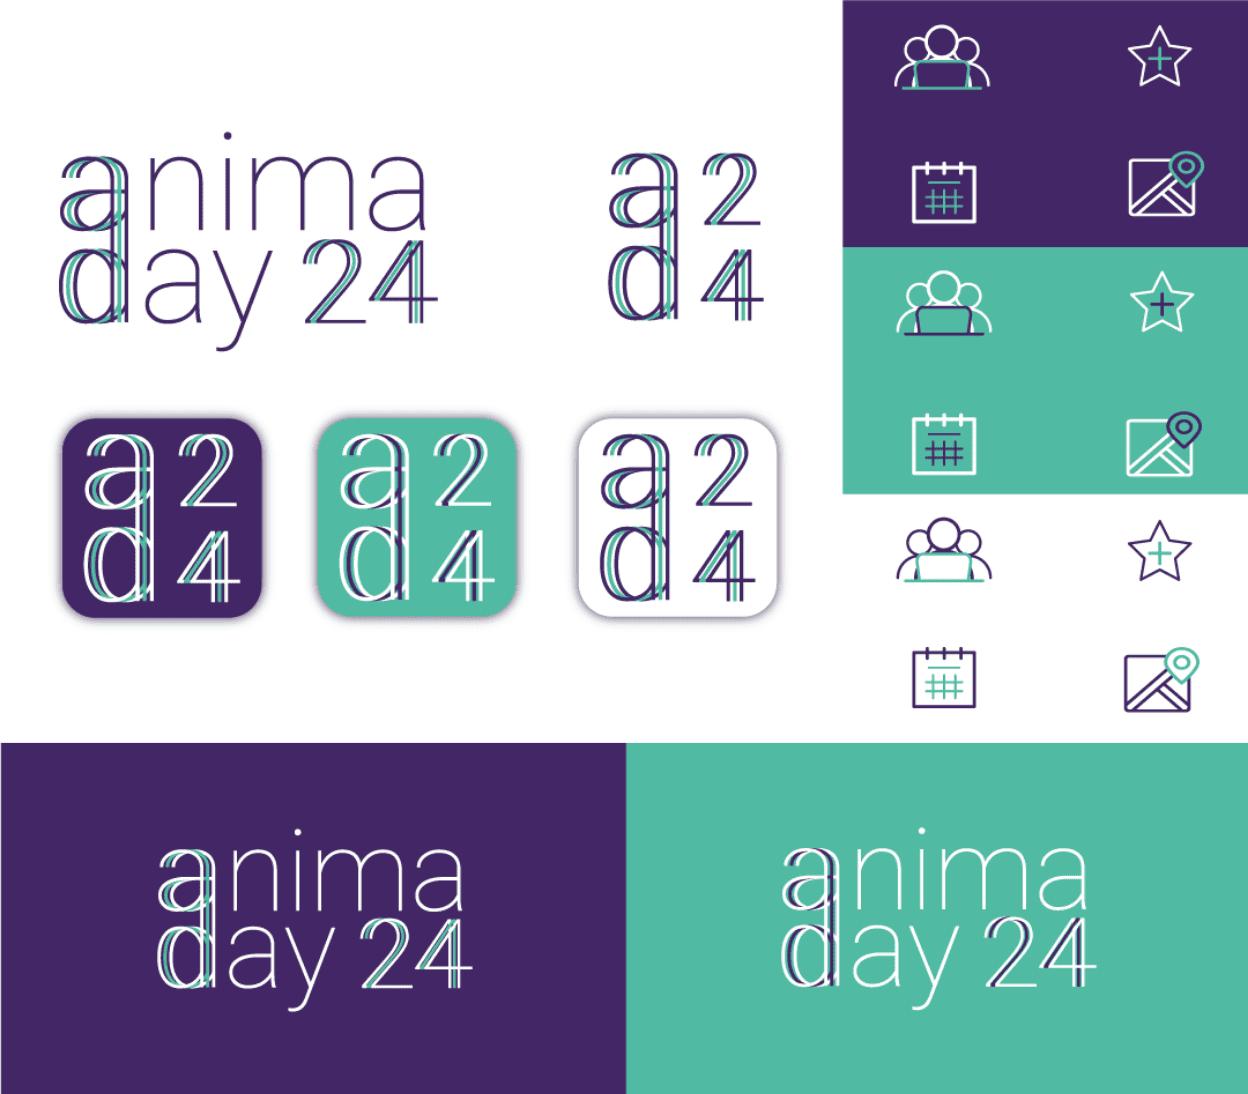 Animaday24 2 - Arnaud Le Roux - Directeur Artistique Digital & Développeur Front-End